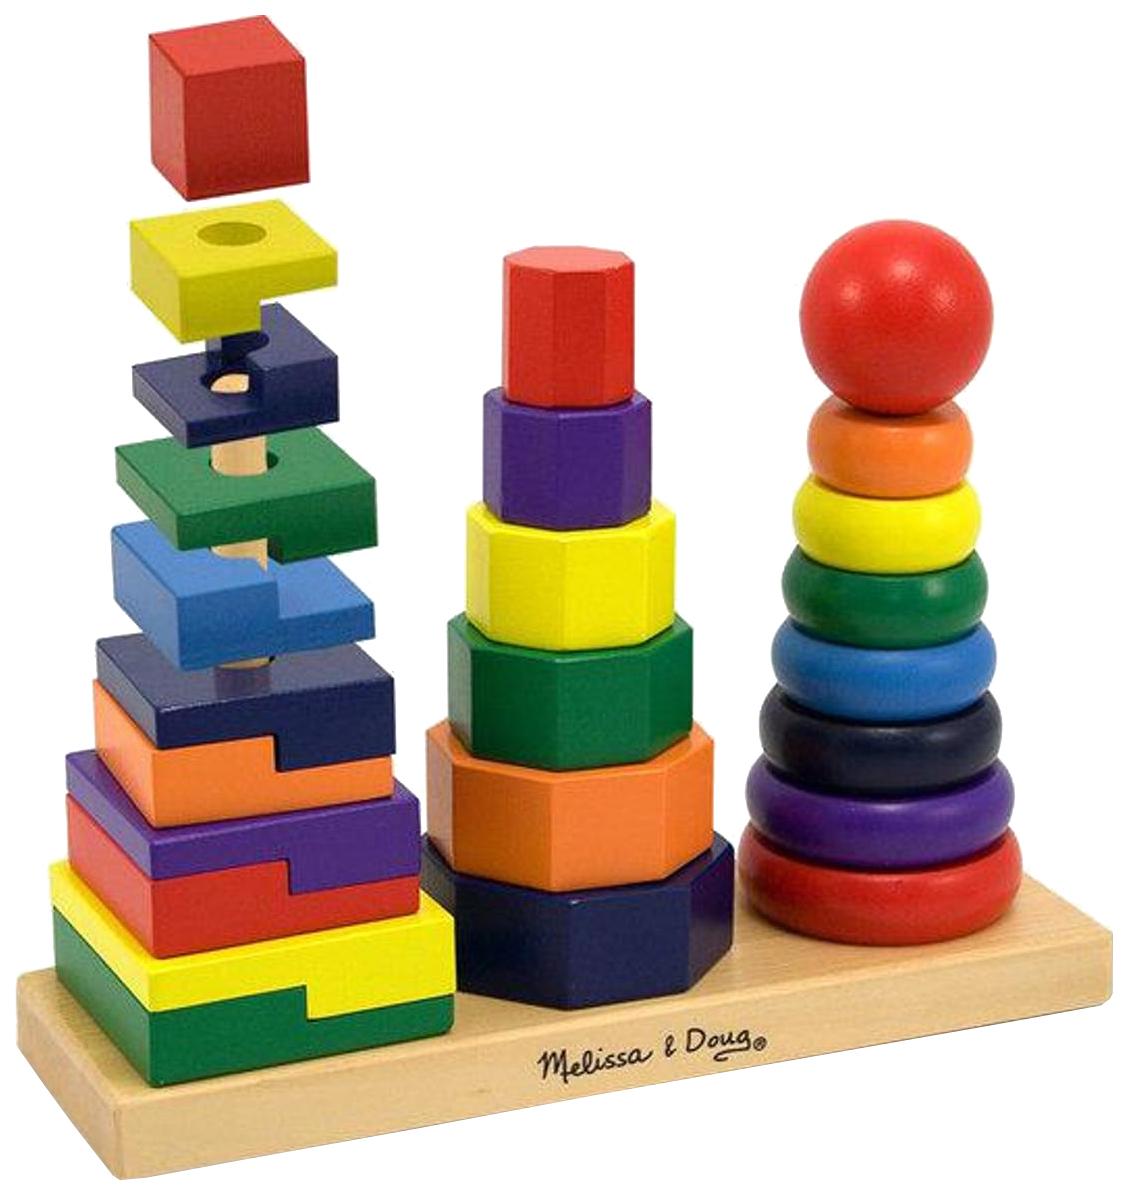 Развивающая игрушка Melissa and Doug Геометрическая пирамидка фото